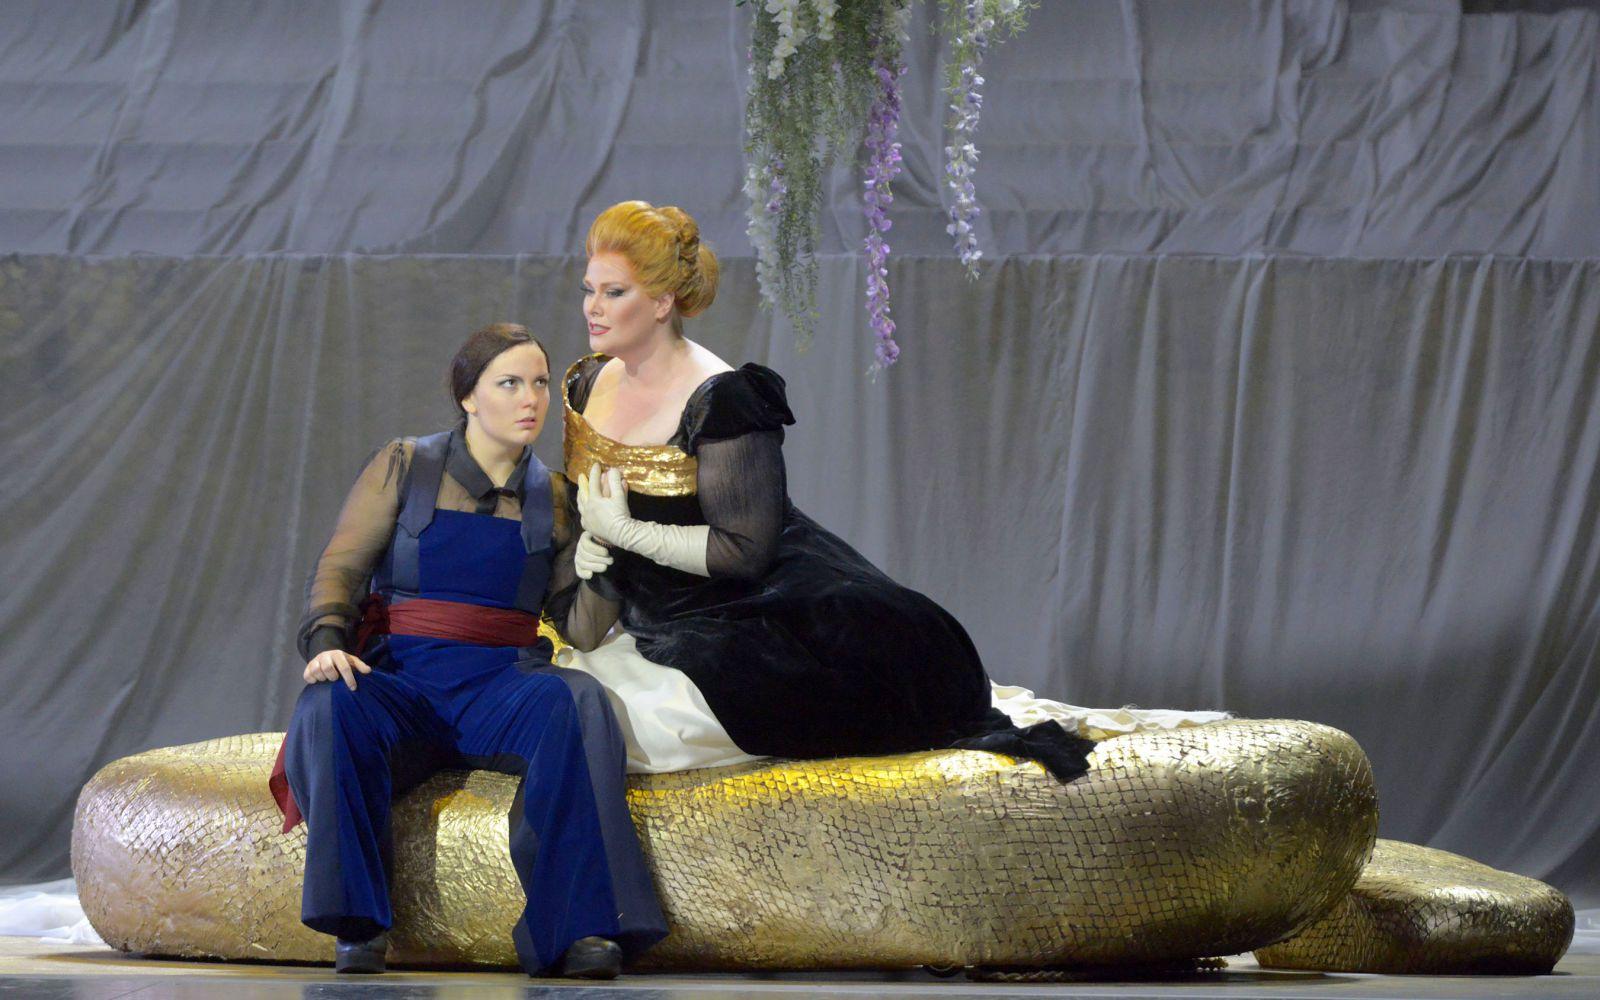 """Appassionata - """"Opéra : Sémiramide""""dans la nuit de samedi 15 à dimanche 16 février à 00h20 sur France 3"""